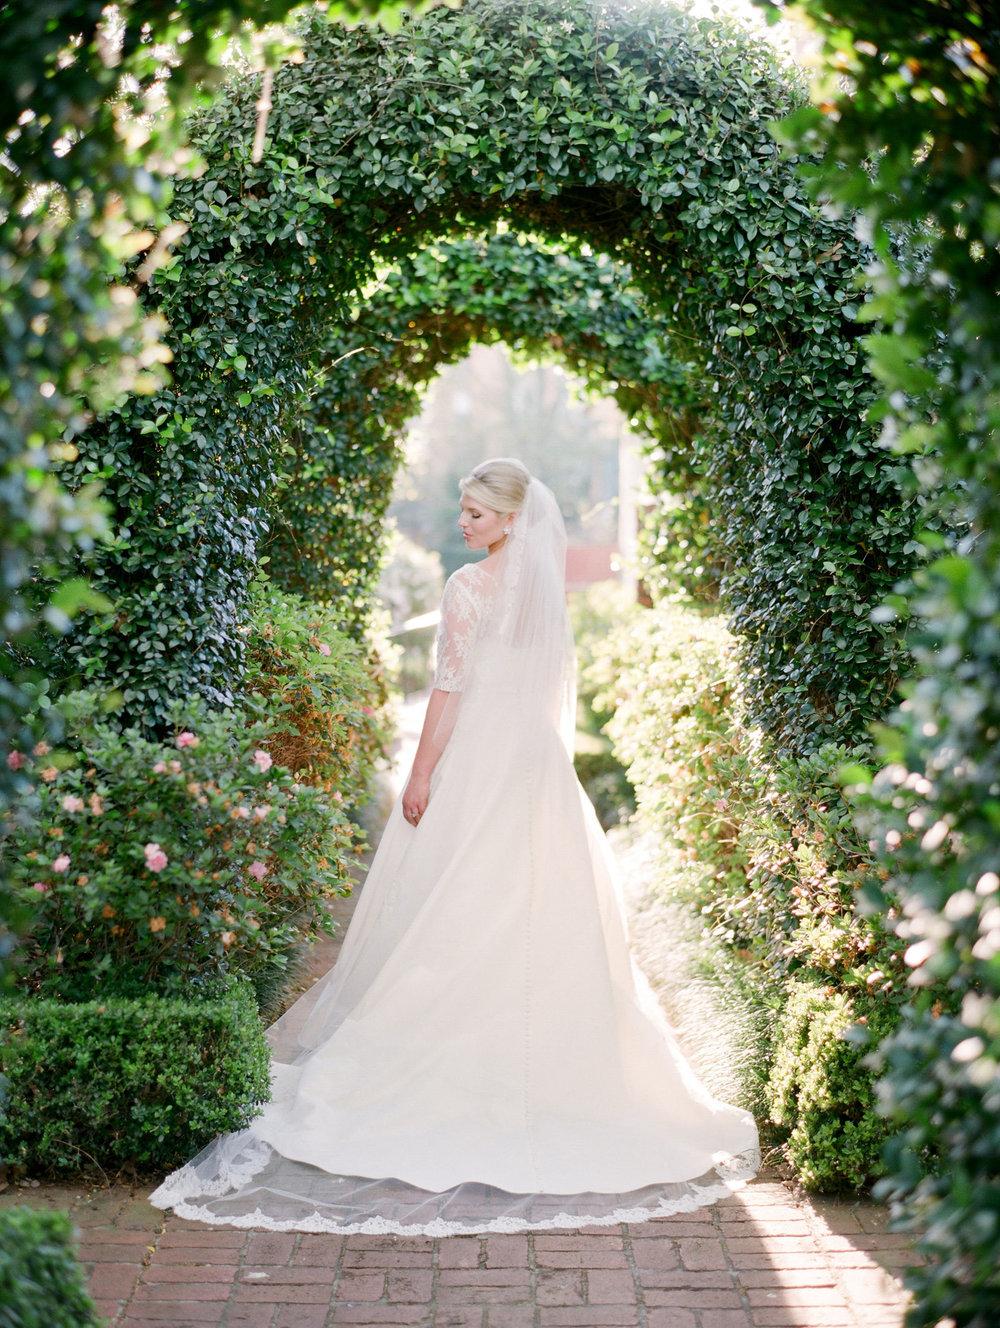 0002_0002_Houston-River-Oaks-Film-Bridal-Photographer.jpg